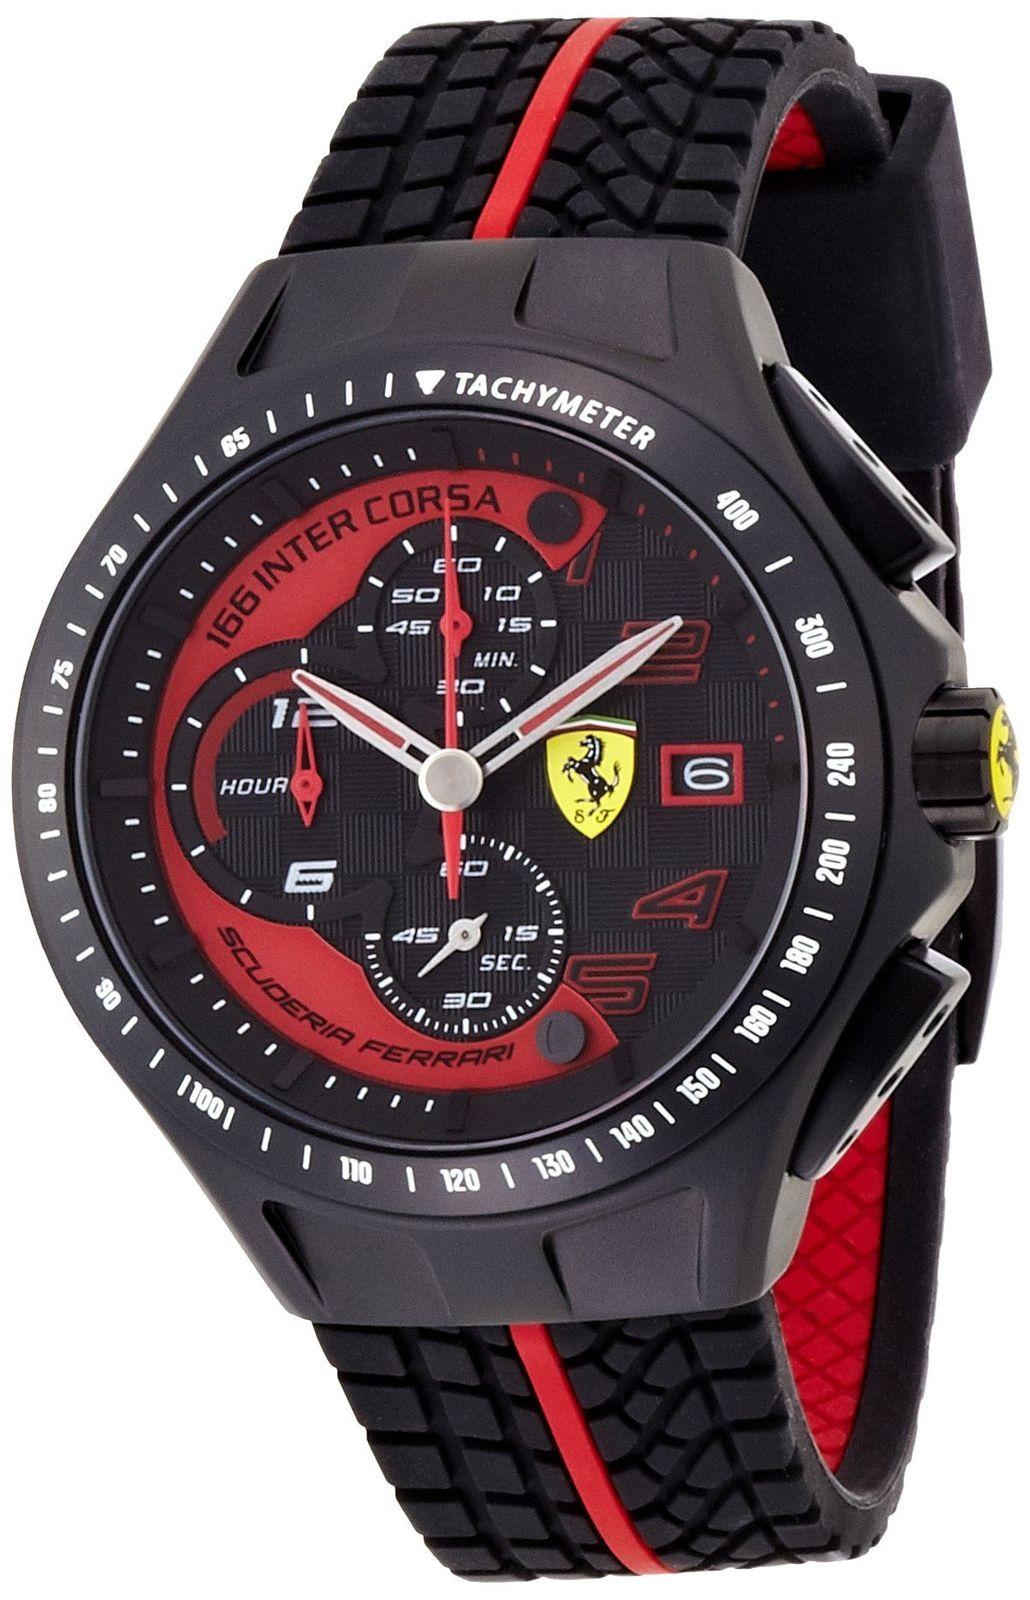 นาฬิกาผู้ชาย Ferrari รุ่น 0830077, Race Day